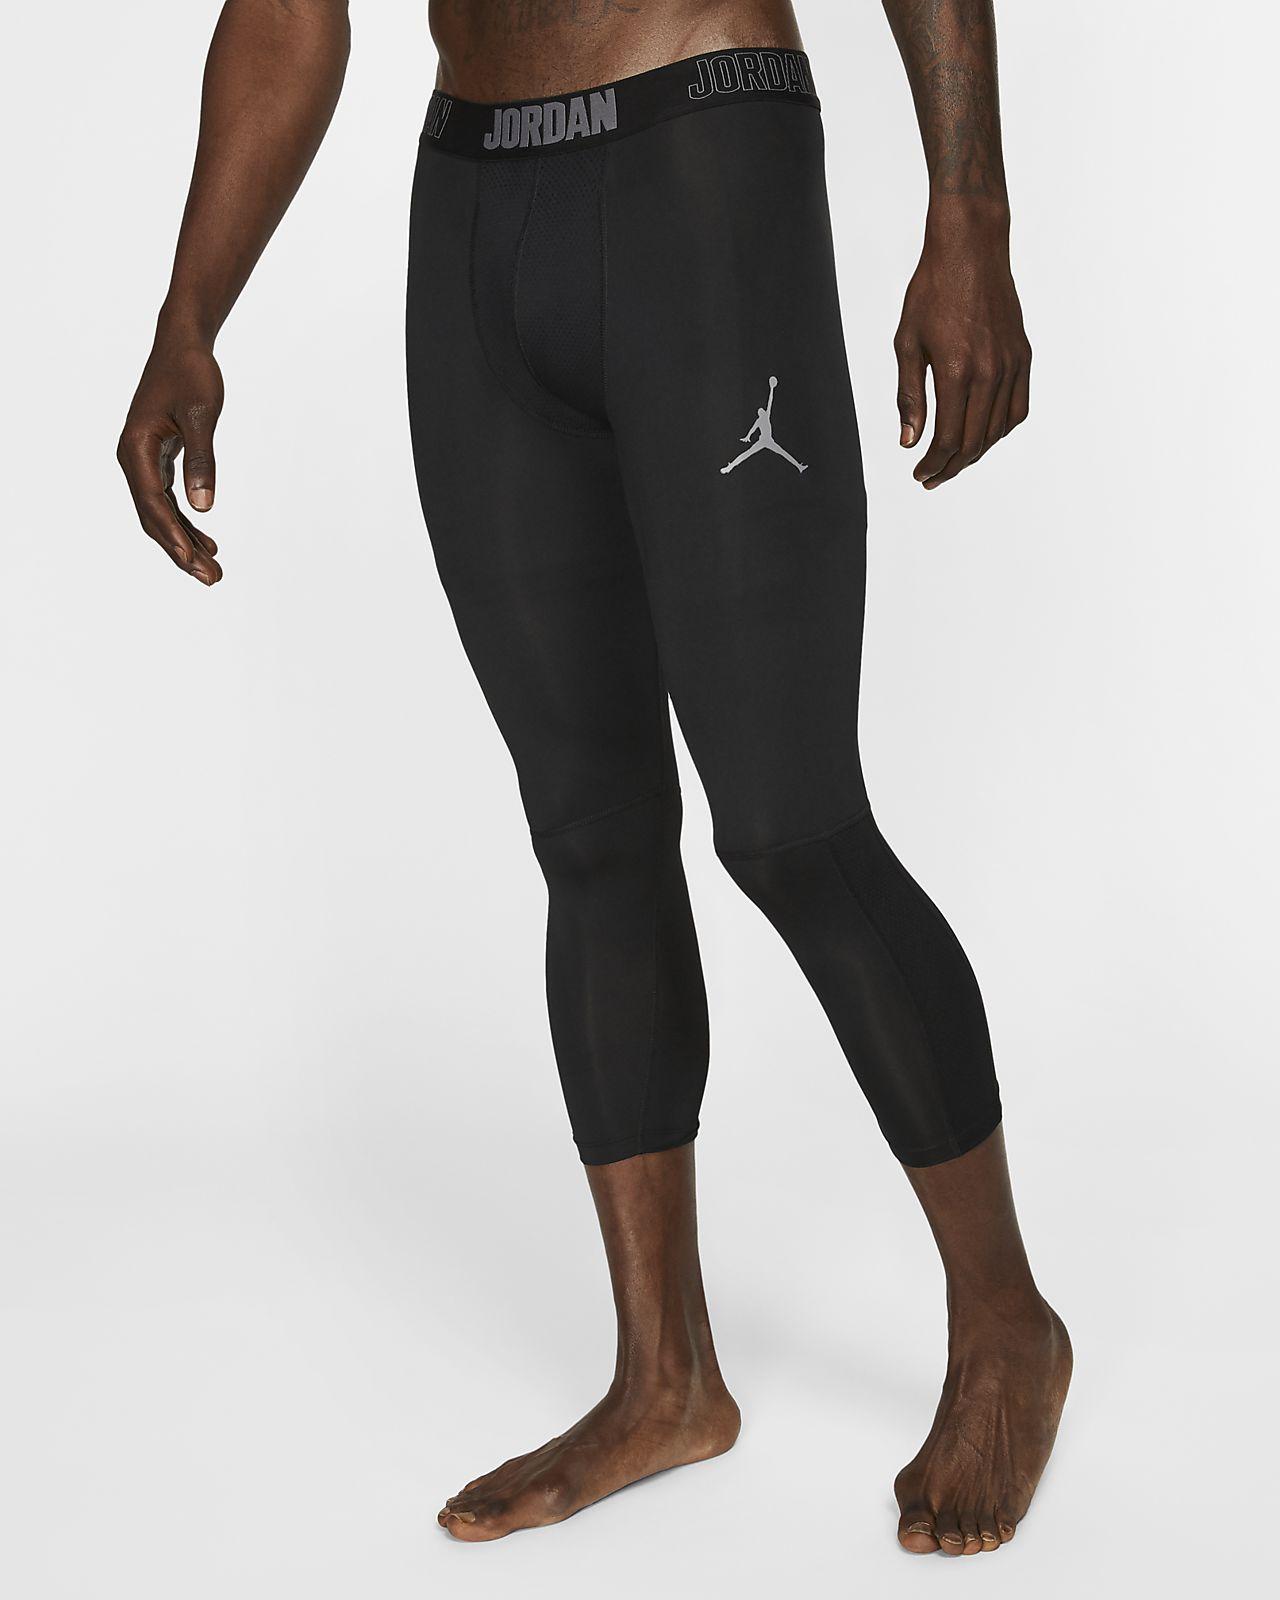 0213009726 Jordan Dri-FIT 23 Alpha 3/4-es testhezálló férfi edzőnadrág. Nike.com HU